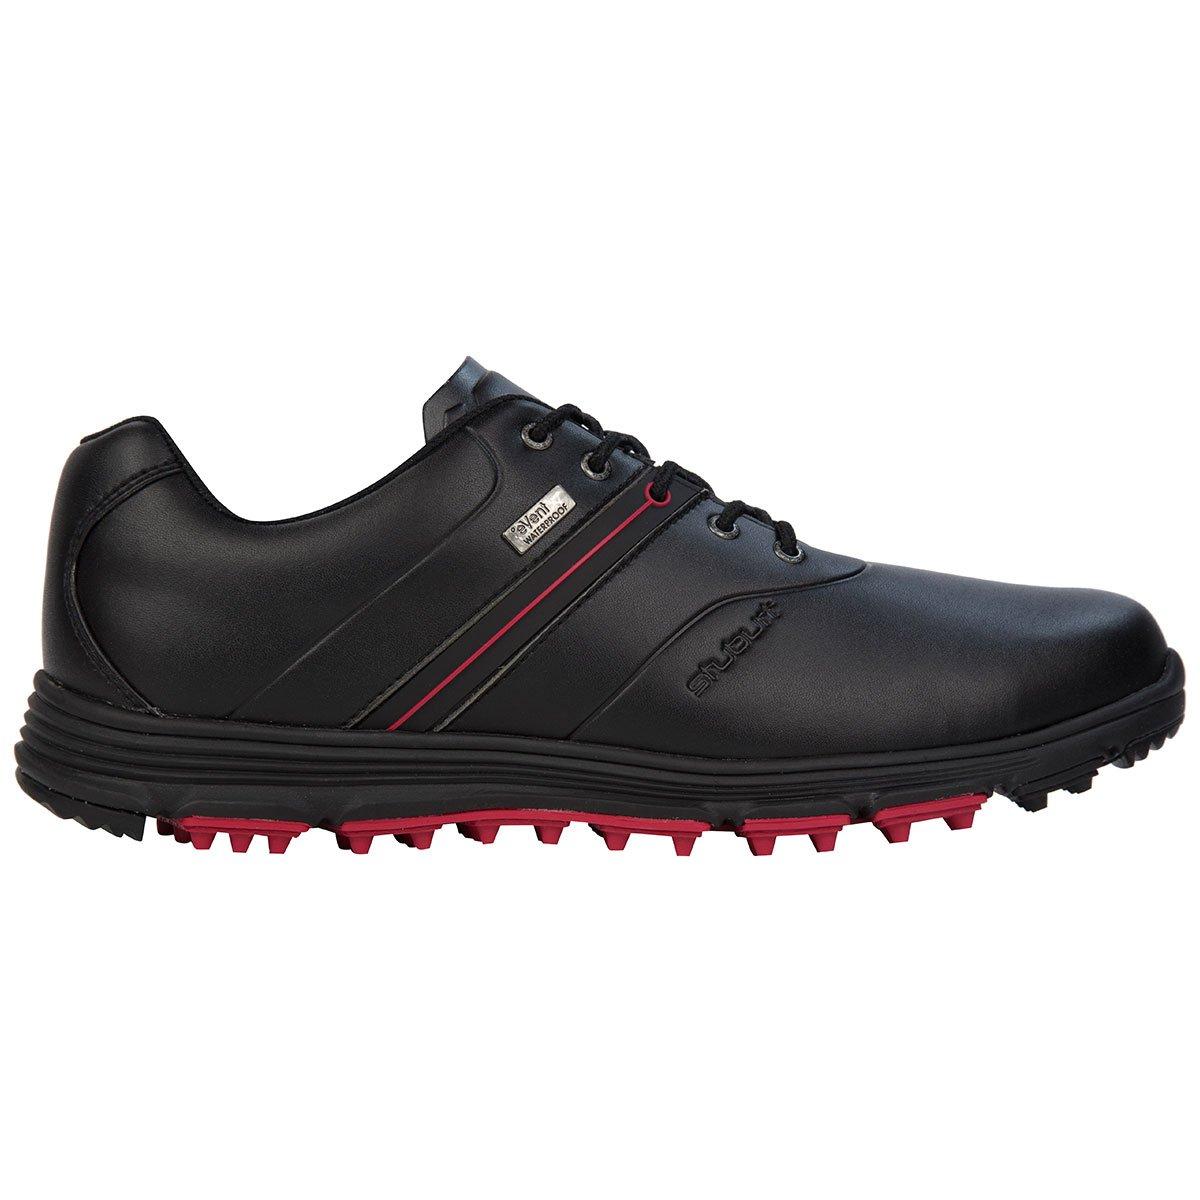 Stuburt 2018 Vapour eVent Waterproof Spikeless Lightweight Mens Golf Shoes B01MR6ZT14 12 UK/ EUR 47 / US 13|Black